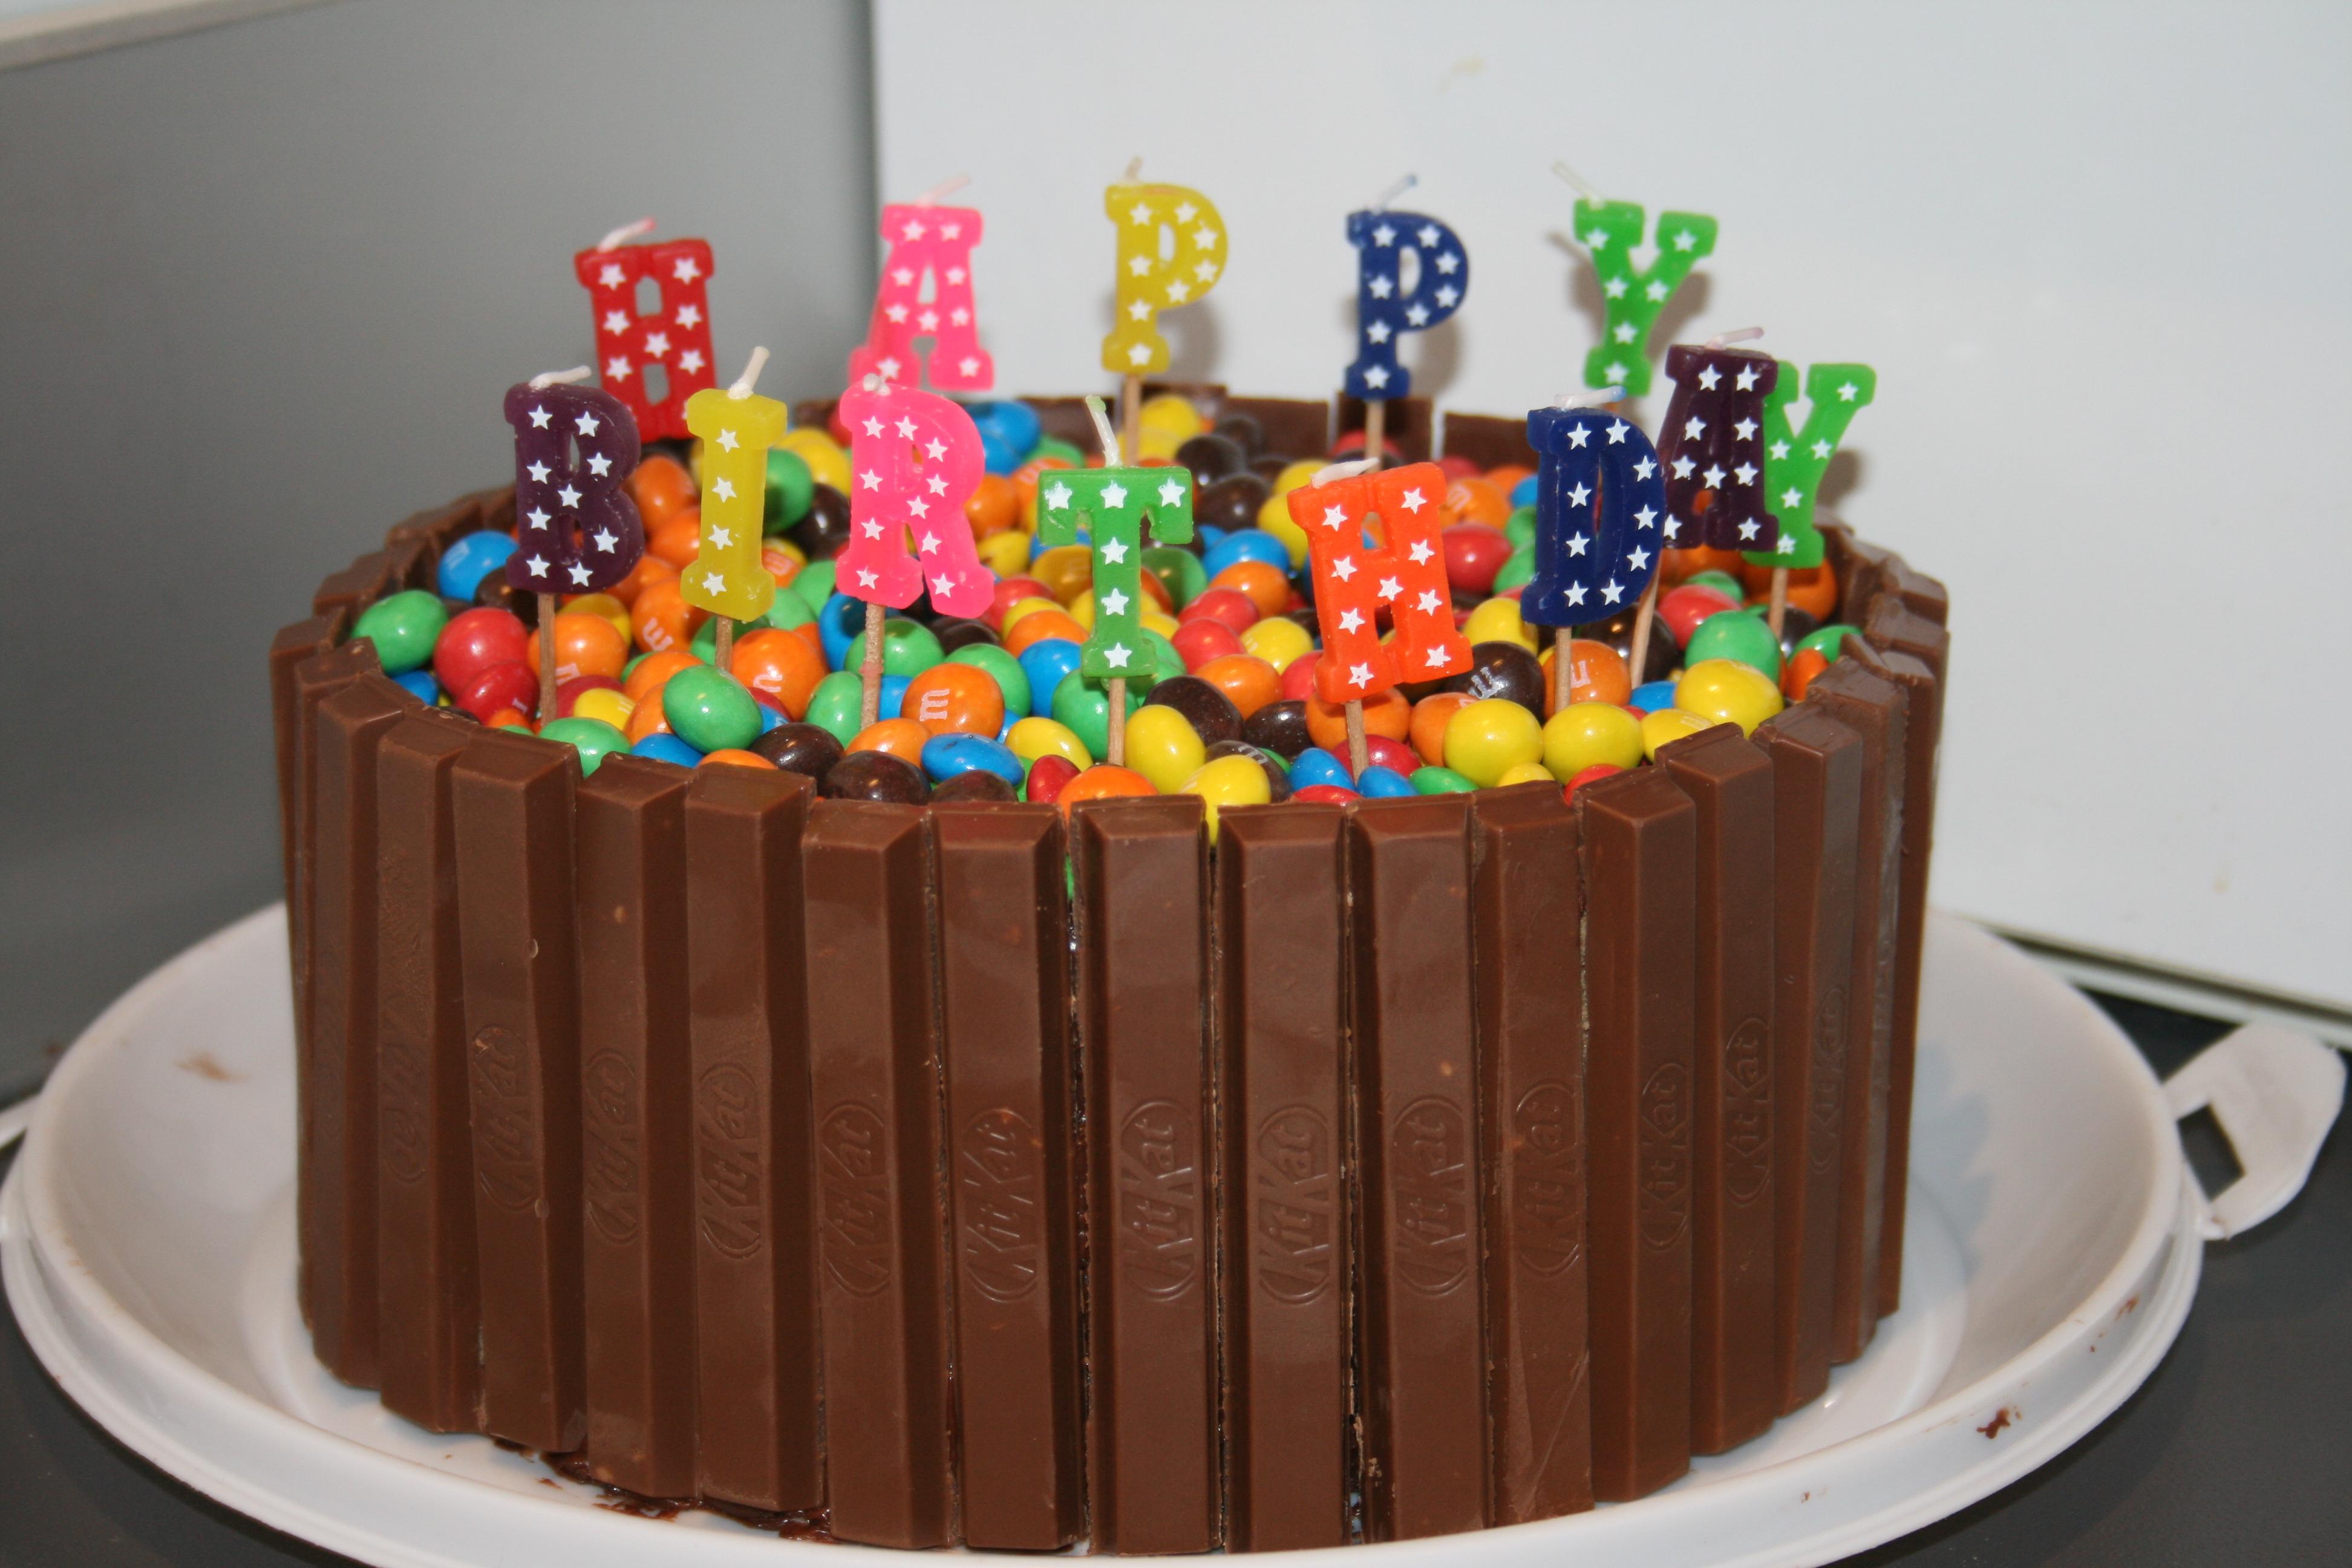 MM and Kit Kat Chocolate Cake